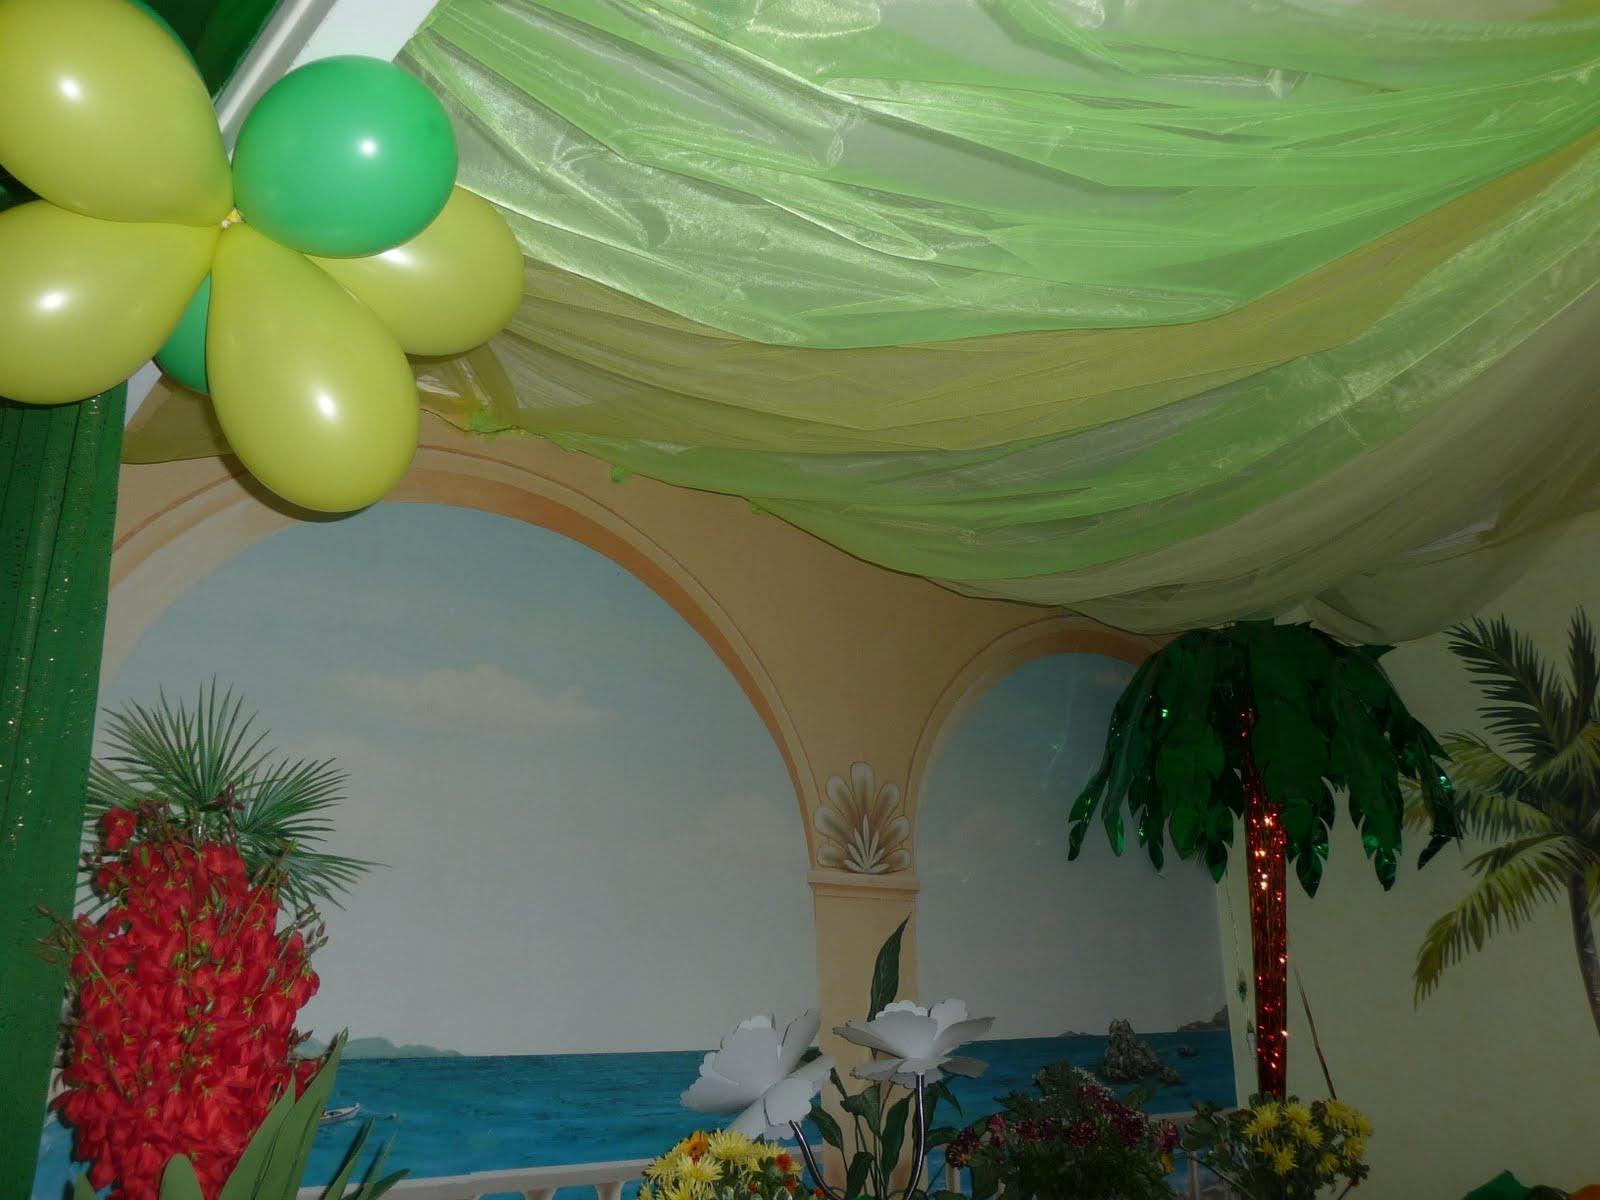 decoration pour salle mariage fete reception decoration fete ste catherine. Black Bedroom Furniture Sets. Home Design Ideas